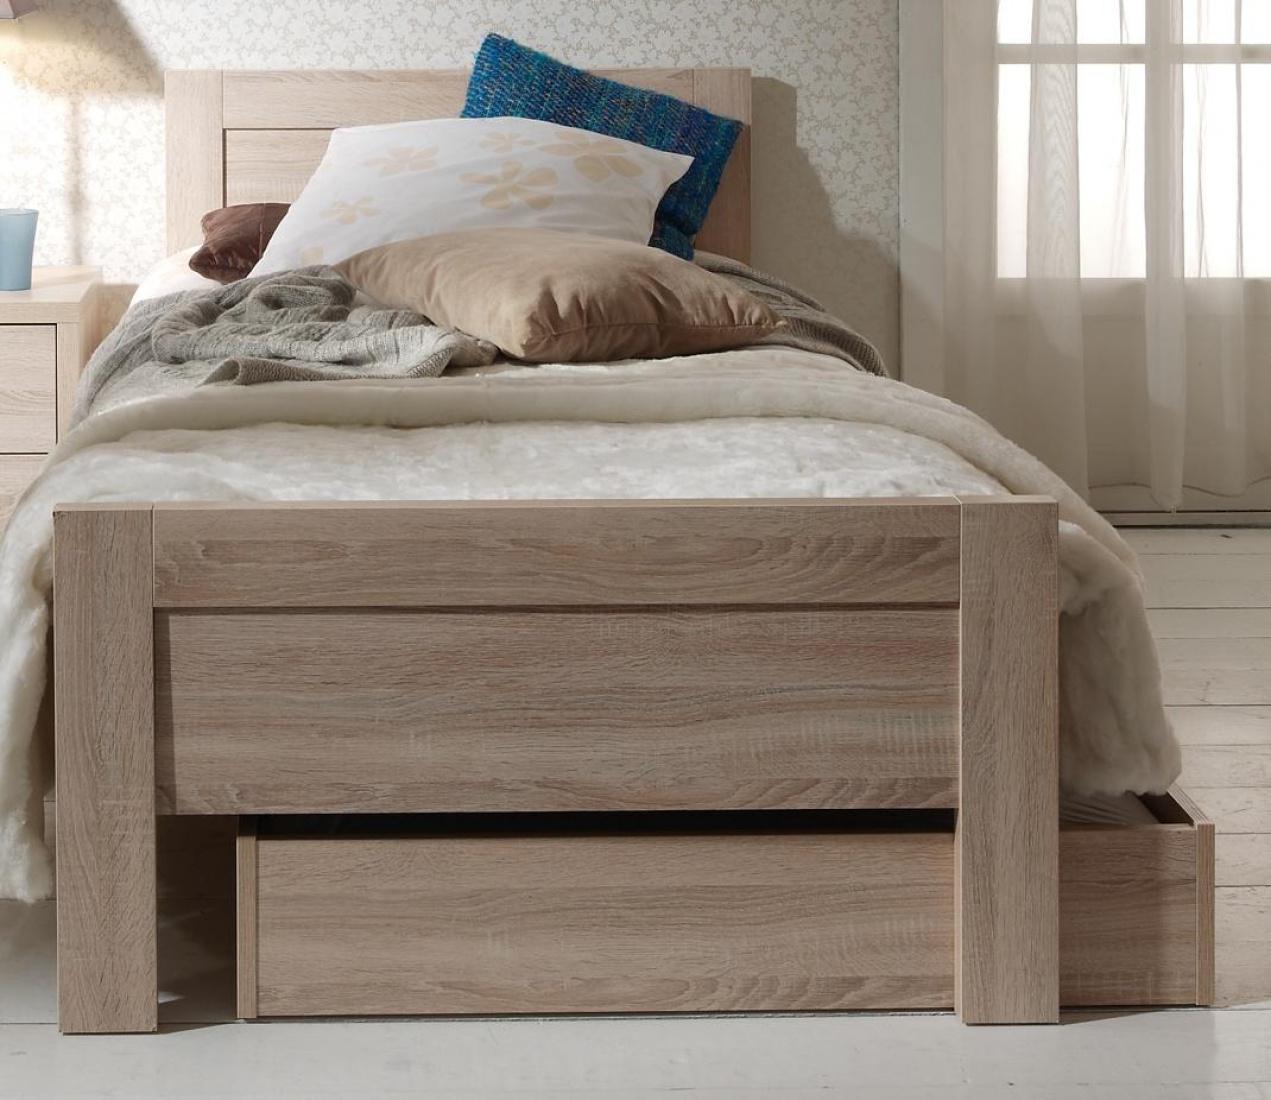 kinderbett mats 90x200 cm in sonoma eiche hell kaufen. Black Bedroom Furniture Sets. Home Design Ideas